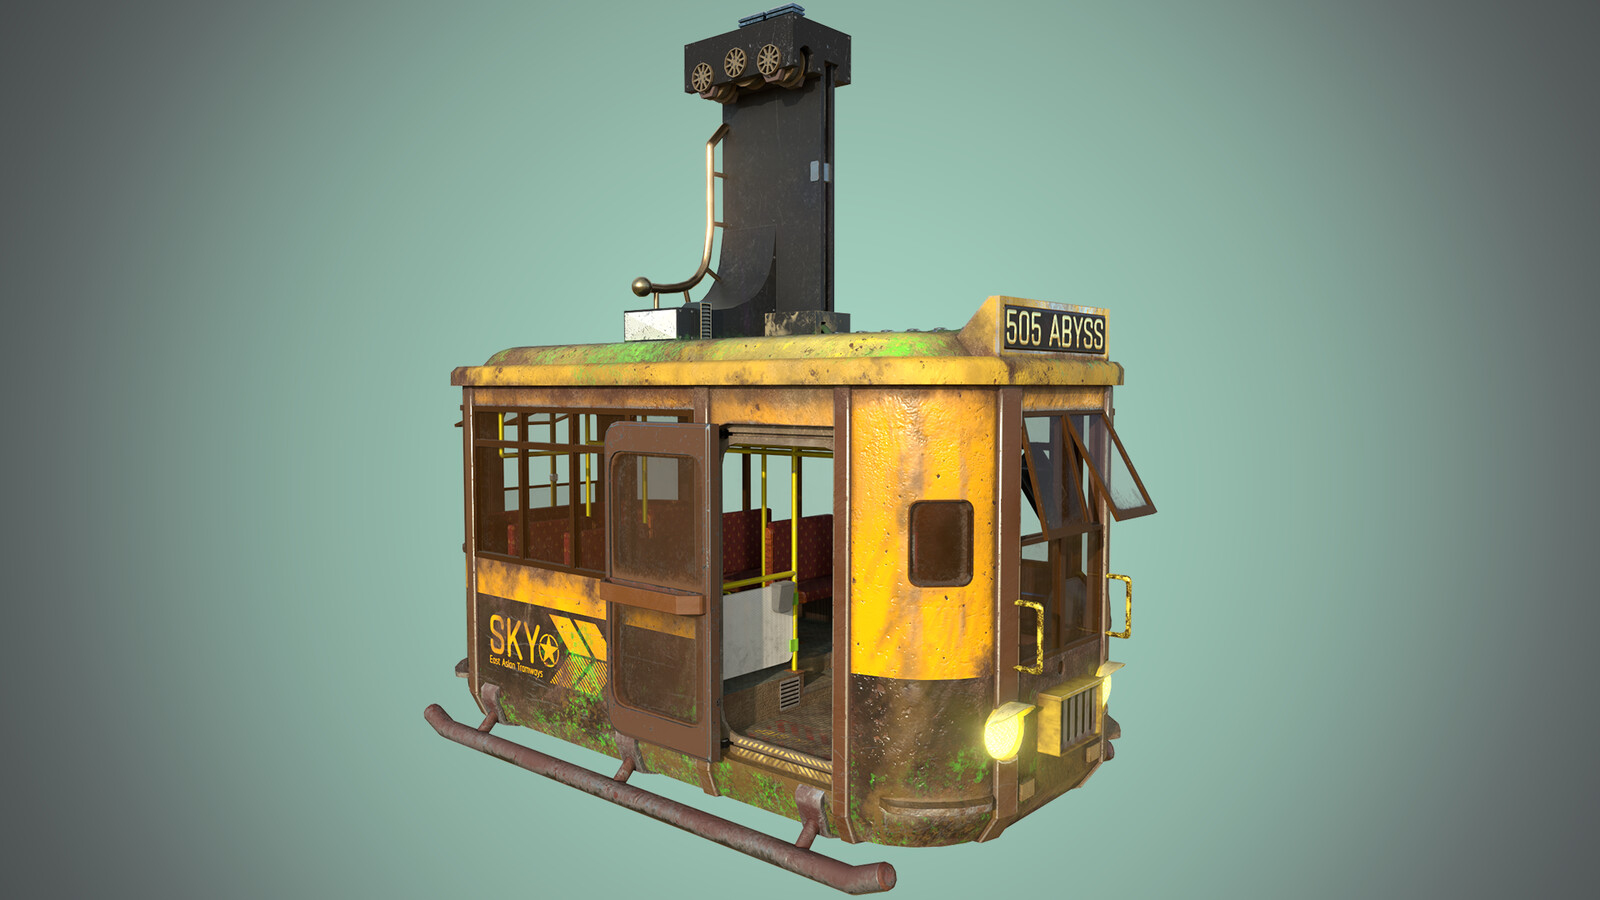 Sky Tram (very old work)